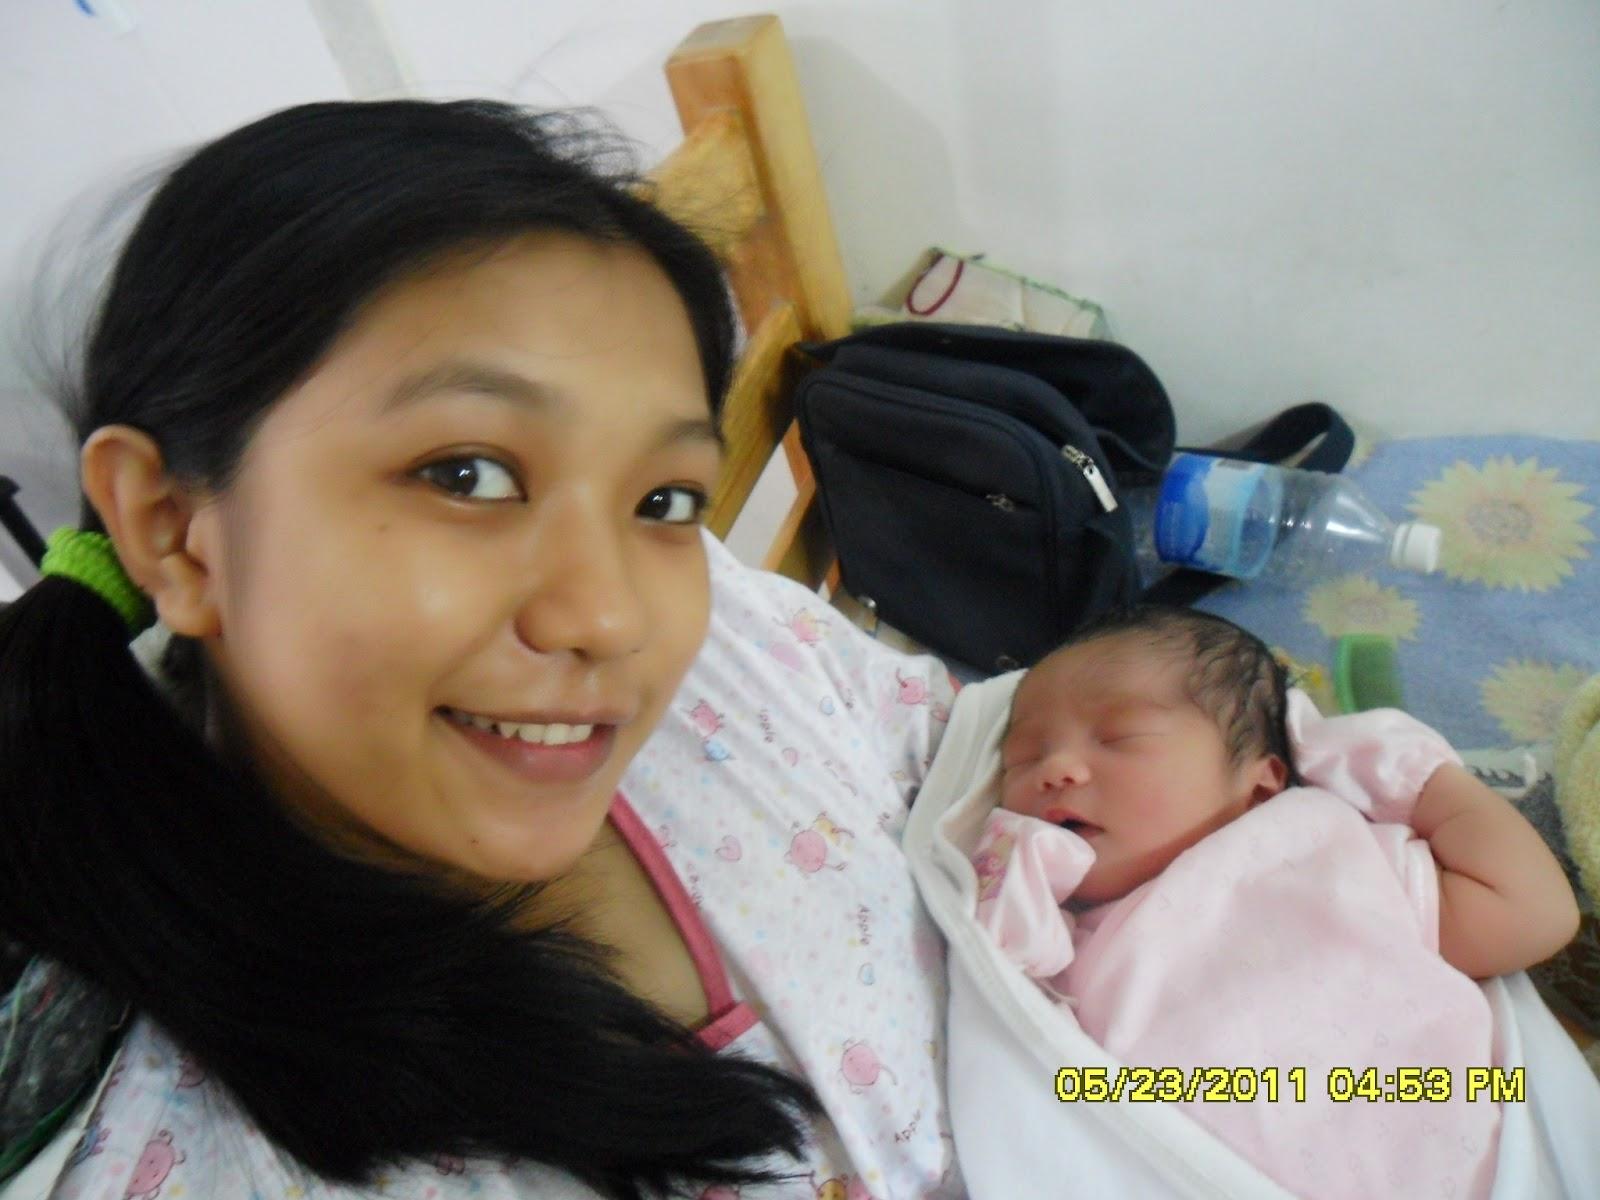 gefunden zu Thao Pang Nya auf http://littlemissallsmiles.blogspot.com